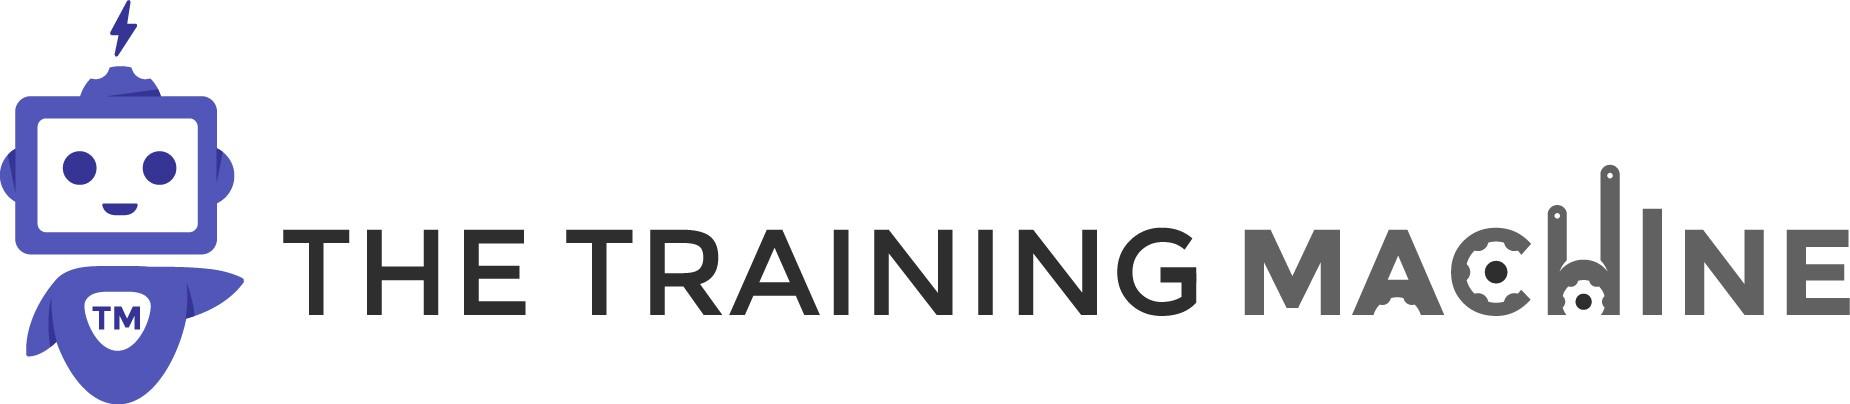 The Training Machine